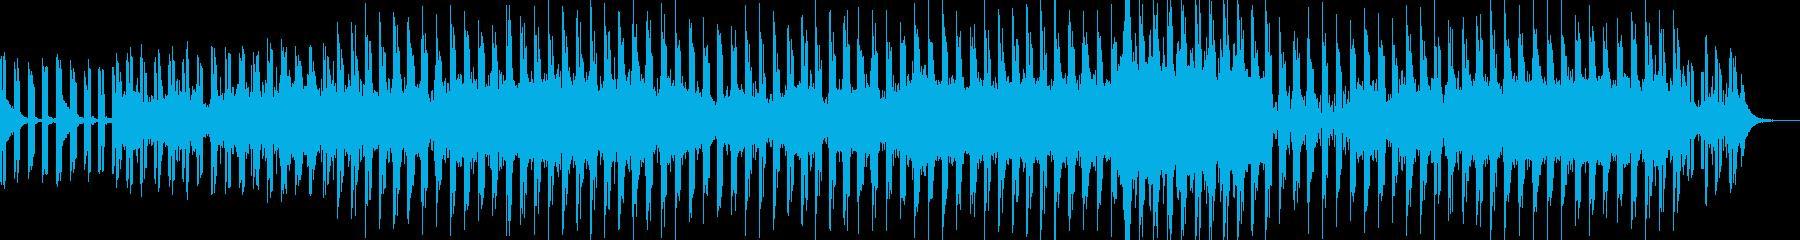 映画音楽、荘厳重厚、映像向け-24の再生済みの波形